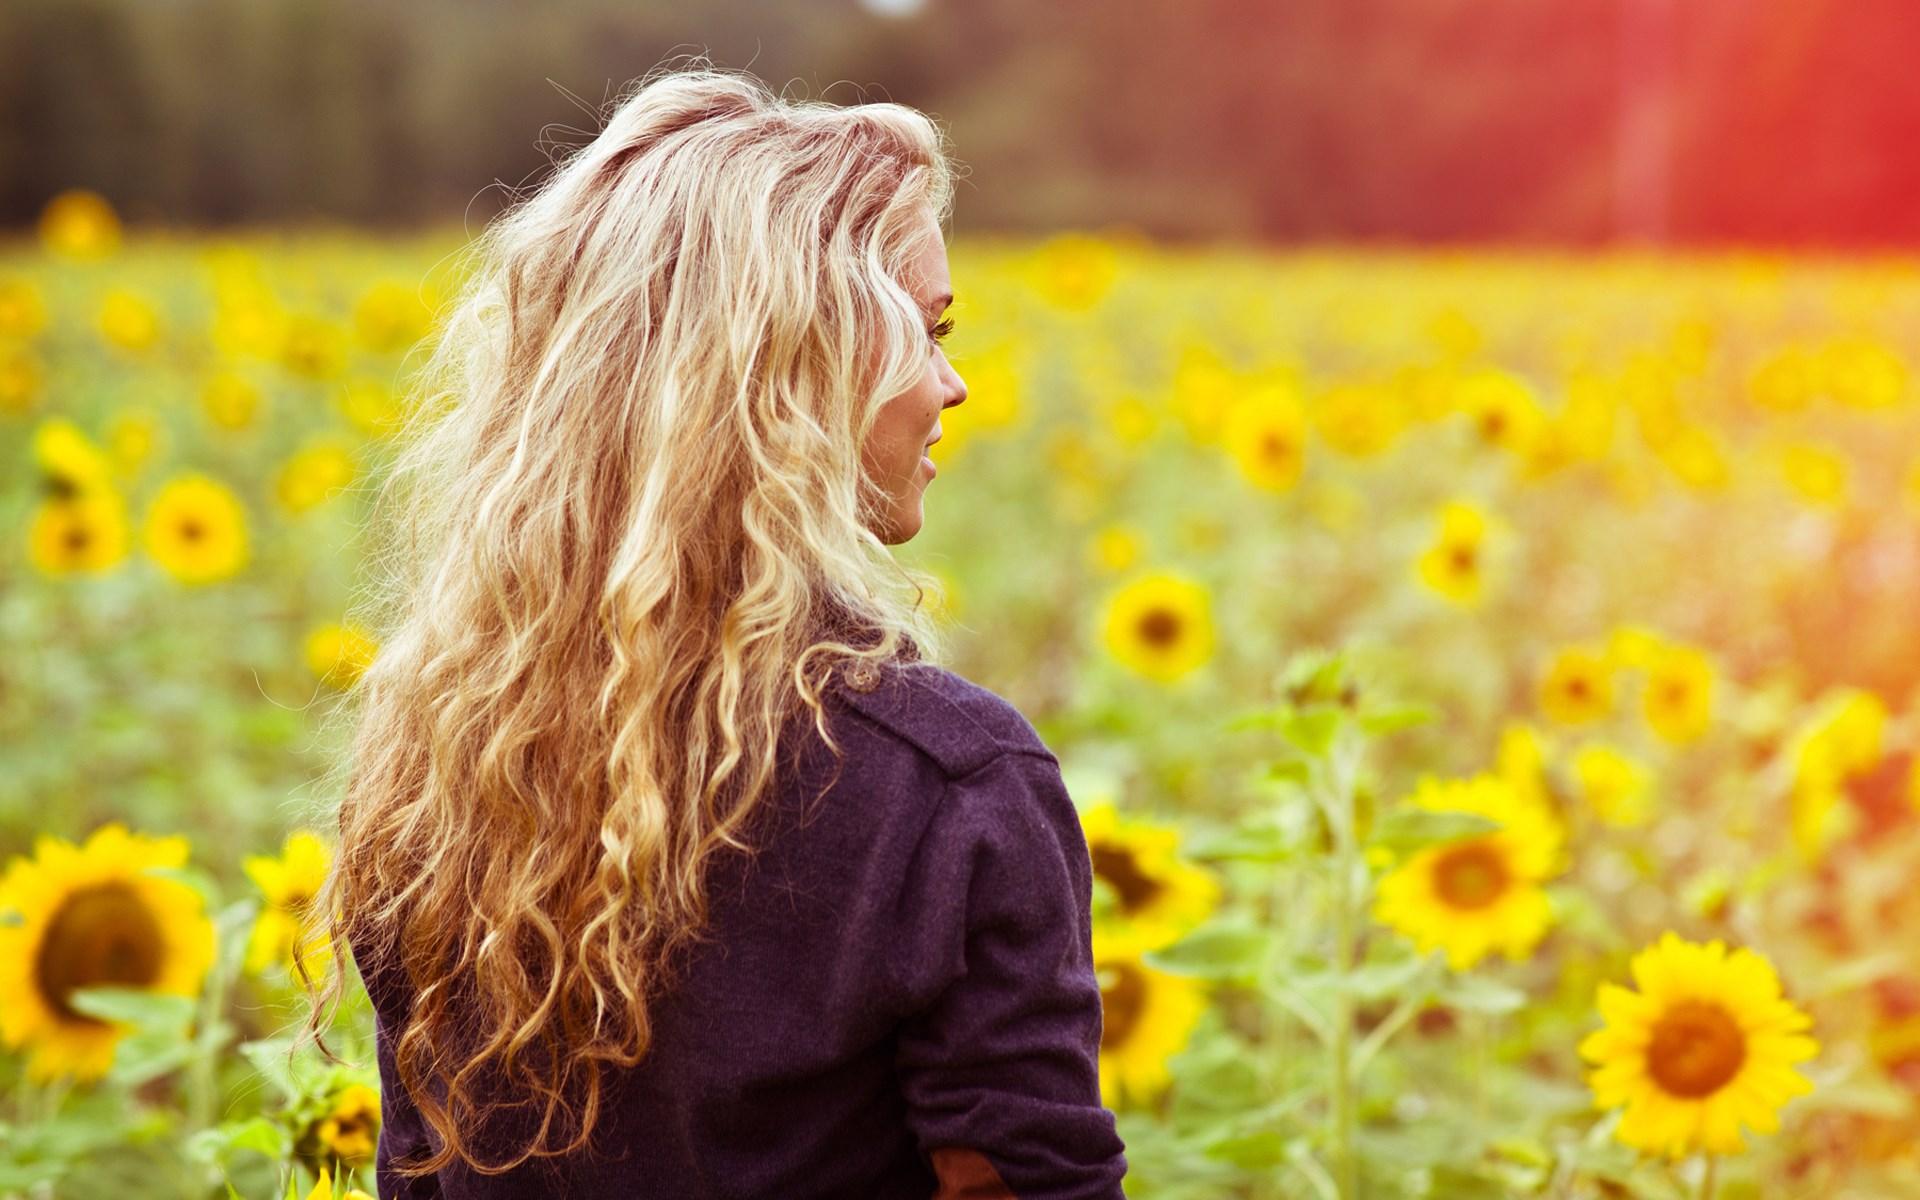 Girl Blonde Smile Field Sunflowers Summer